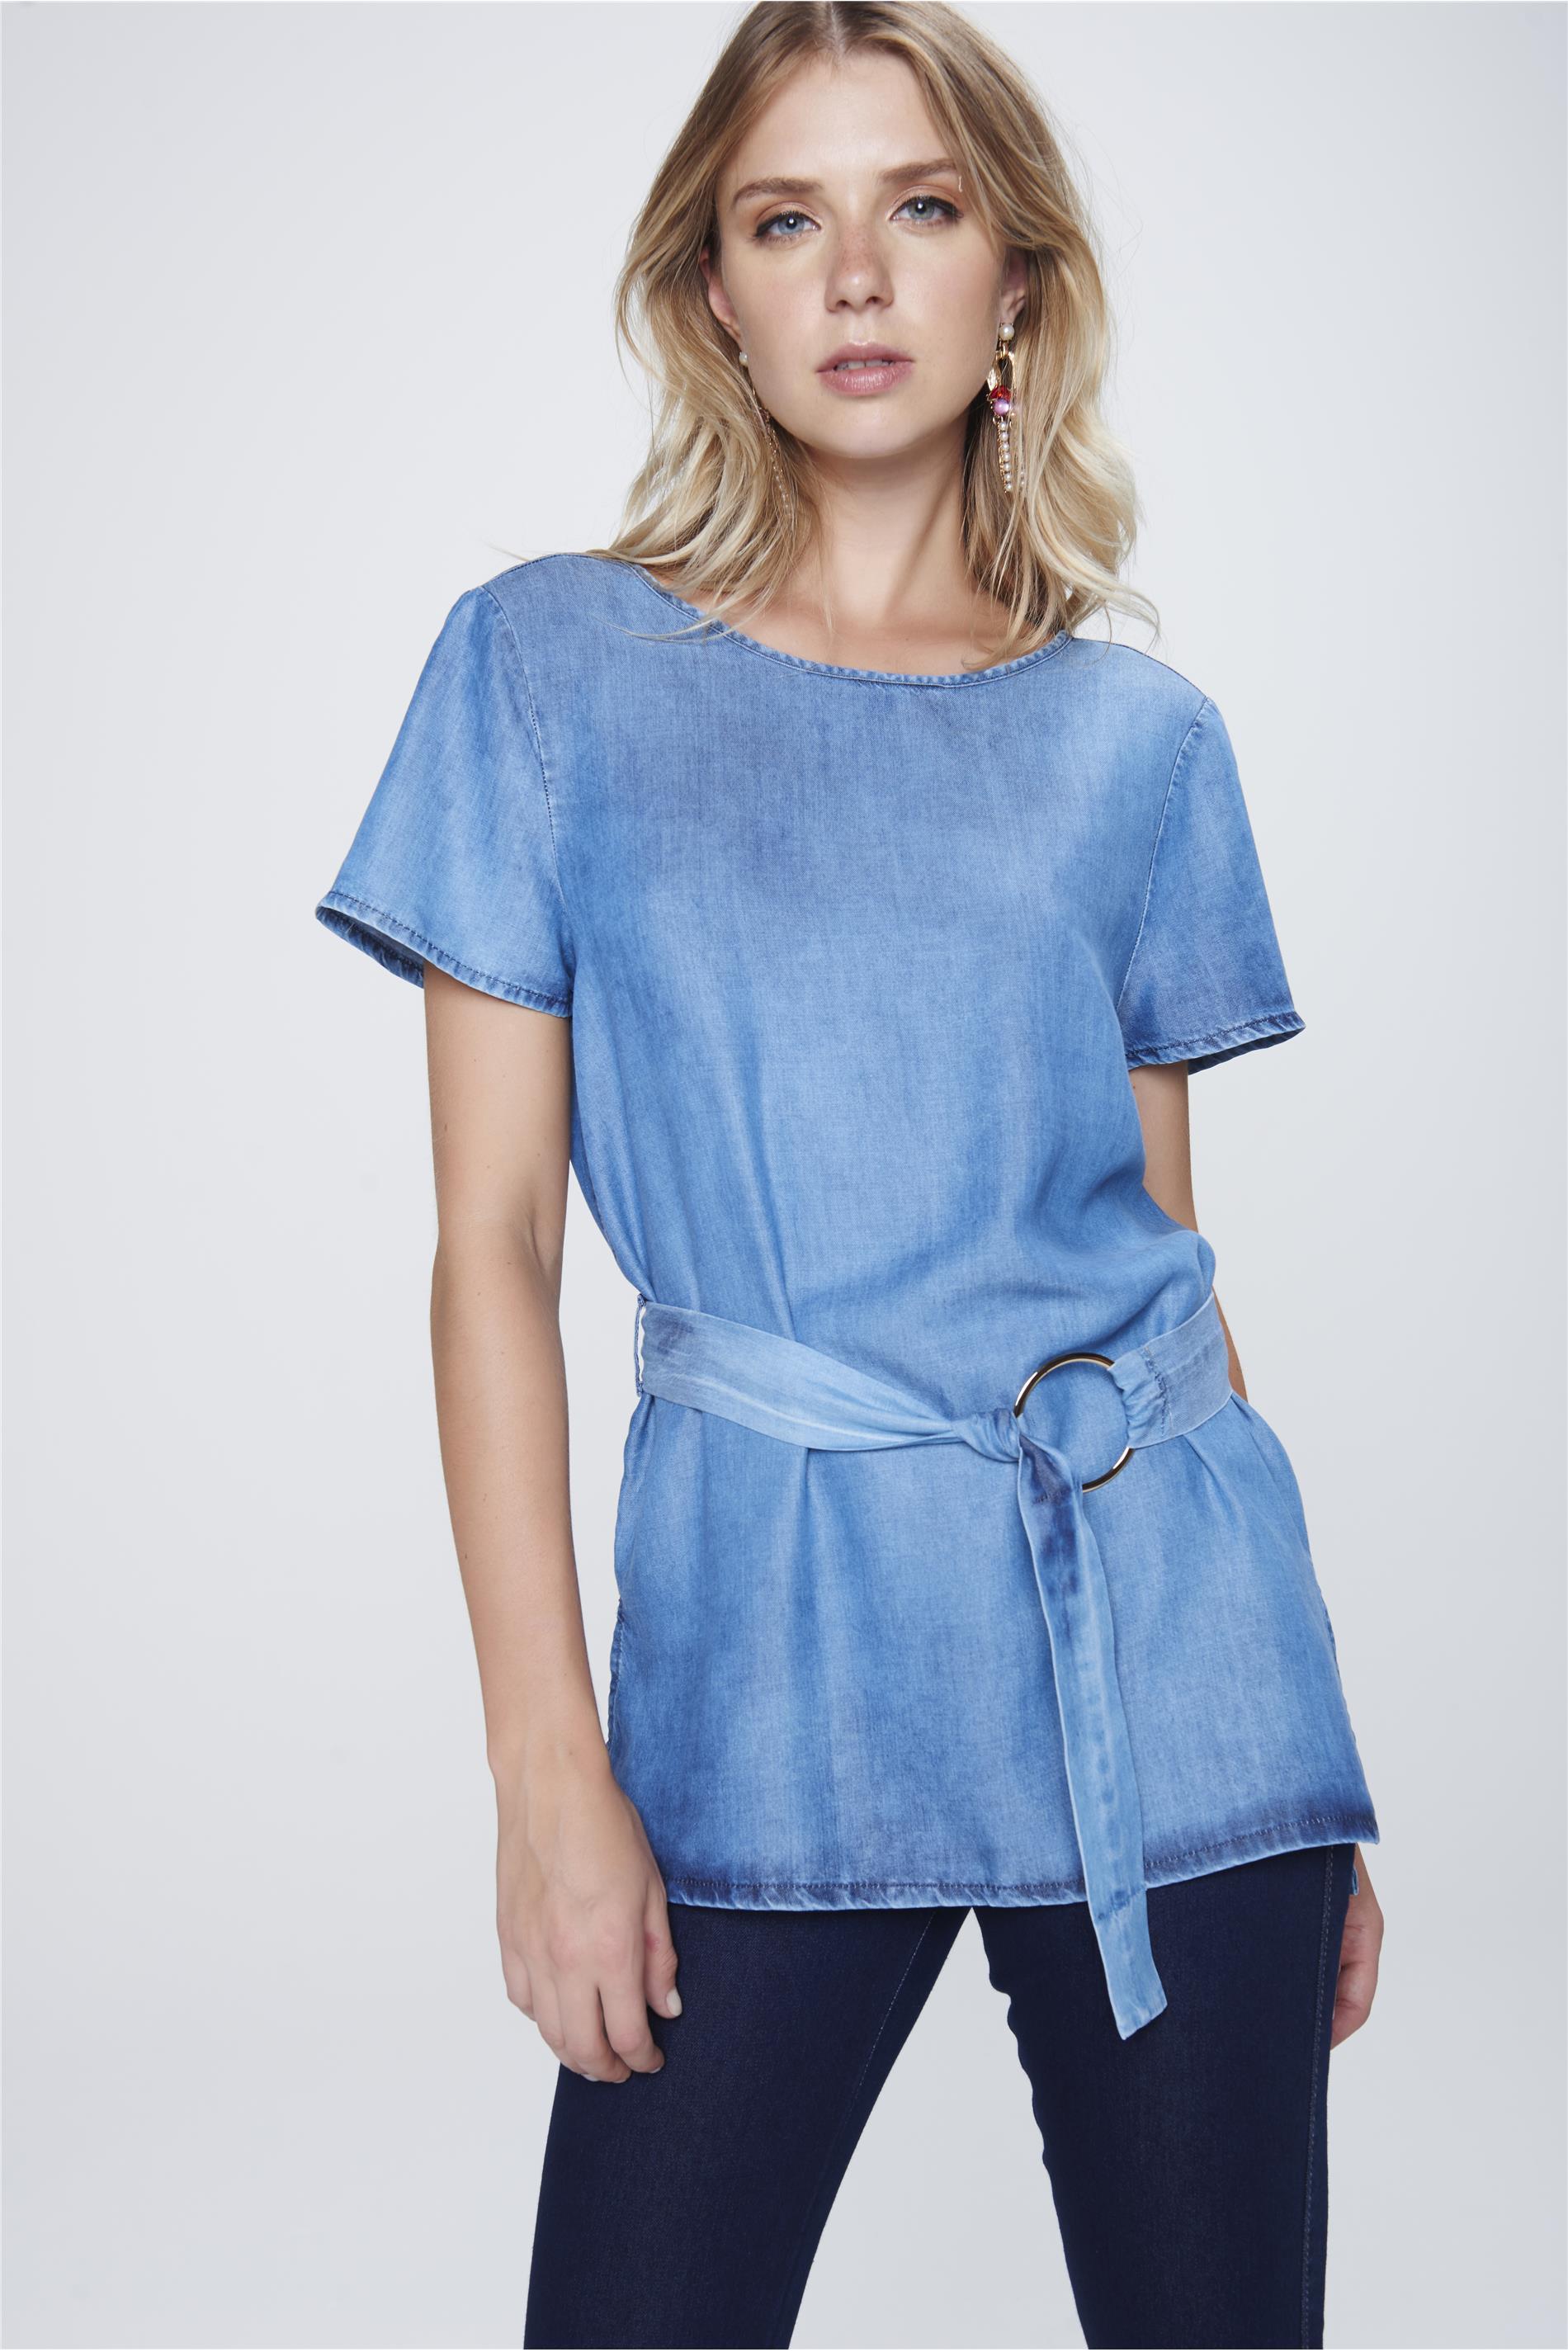 261409962 Blusa Jeans com Cinto Feminina - Damyller